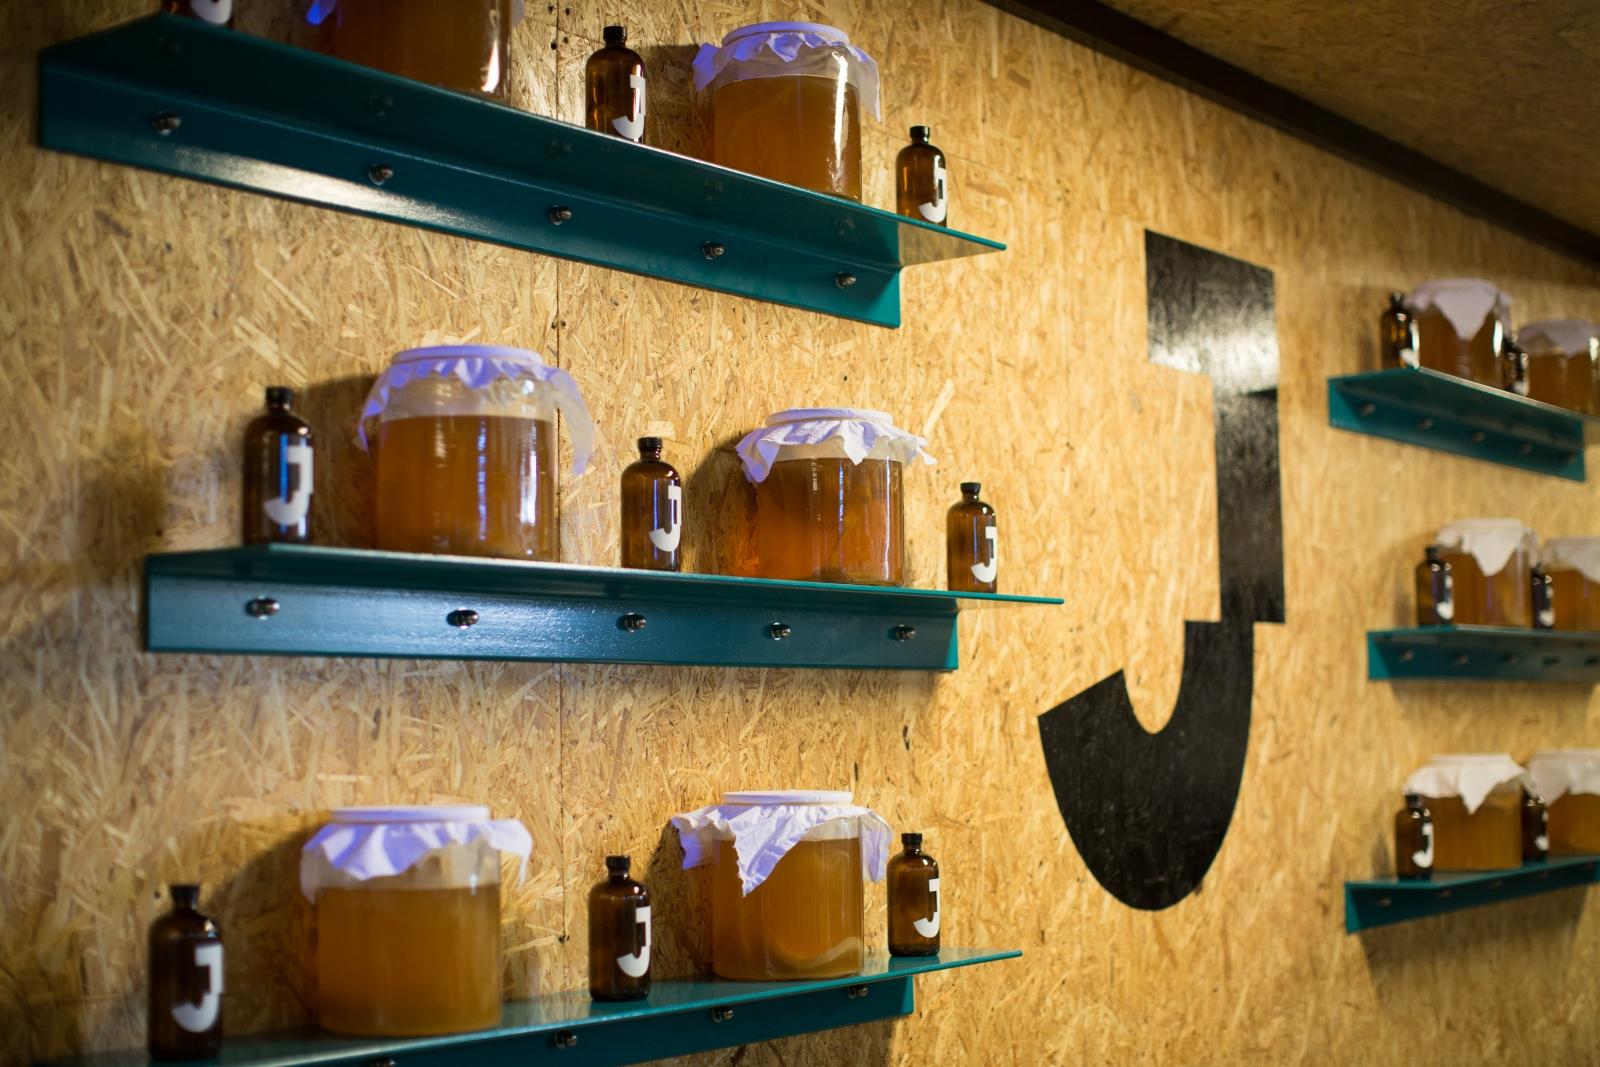 Fermenting kombucha at the JarrBar